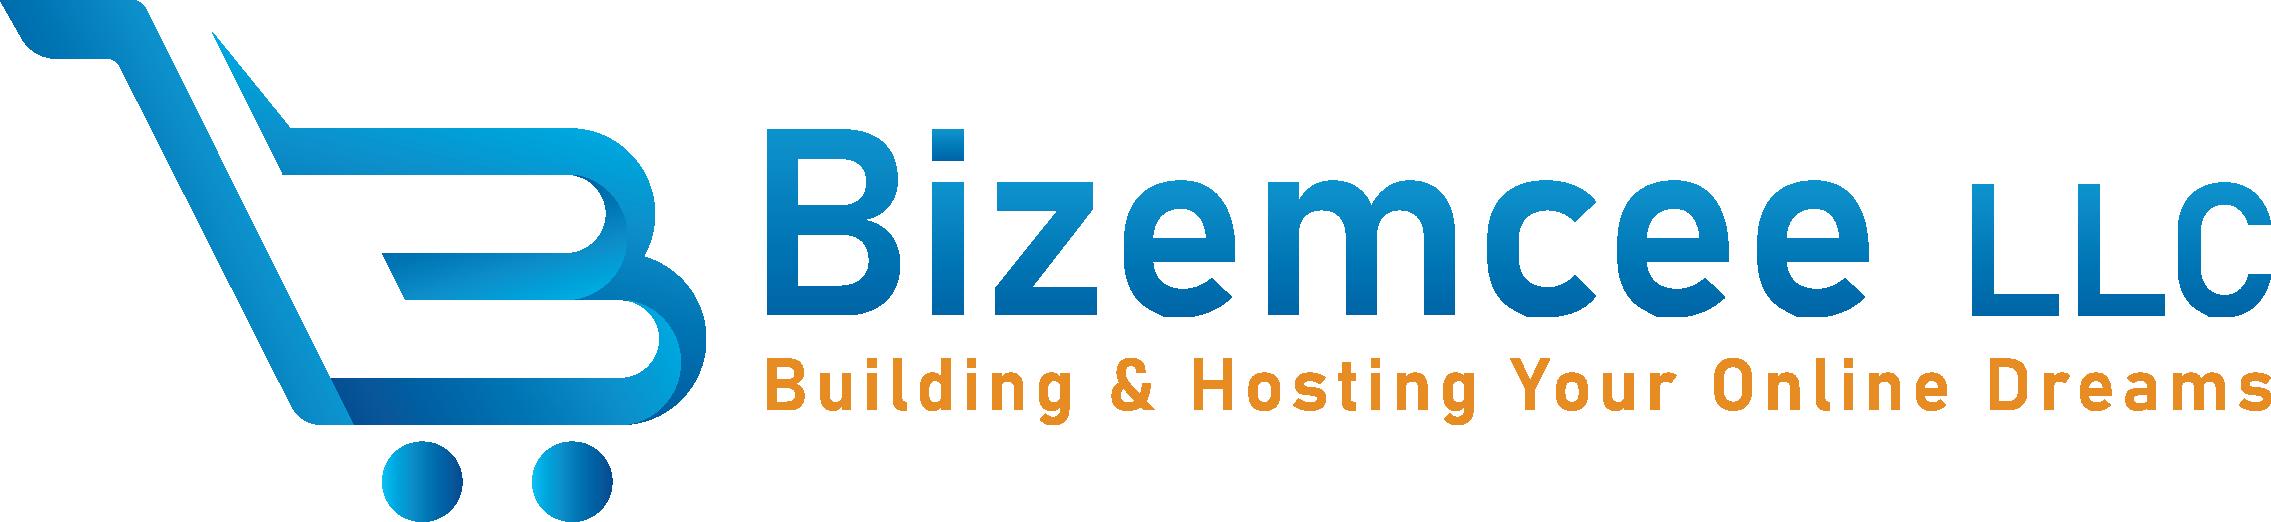 bizemcee.com LLC